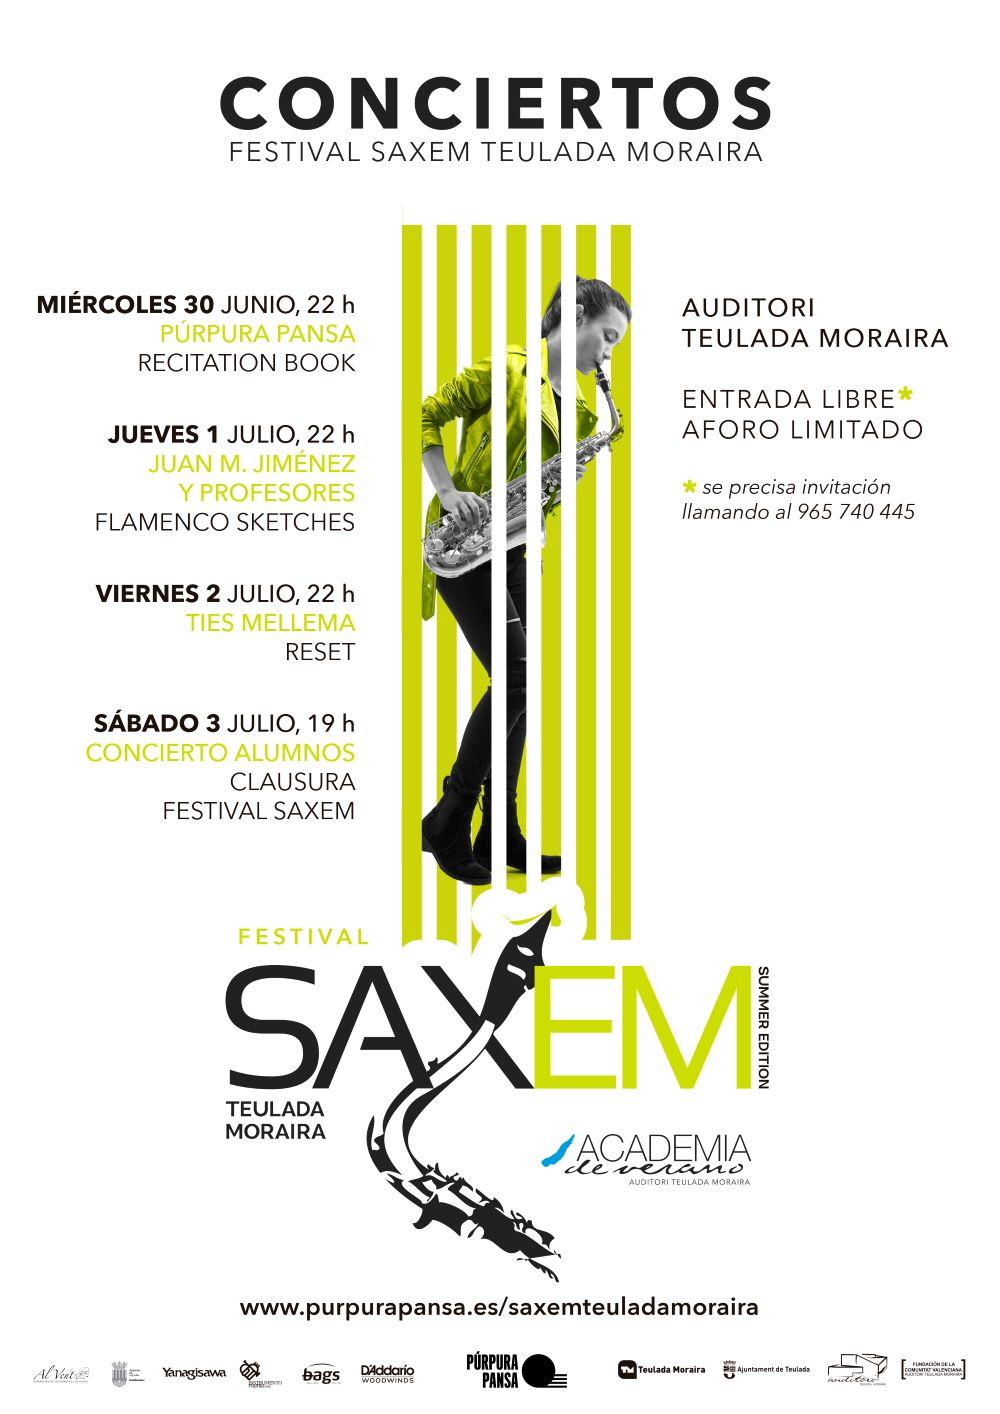 Festival Saxem